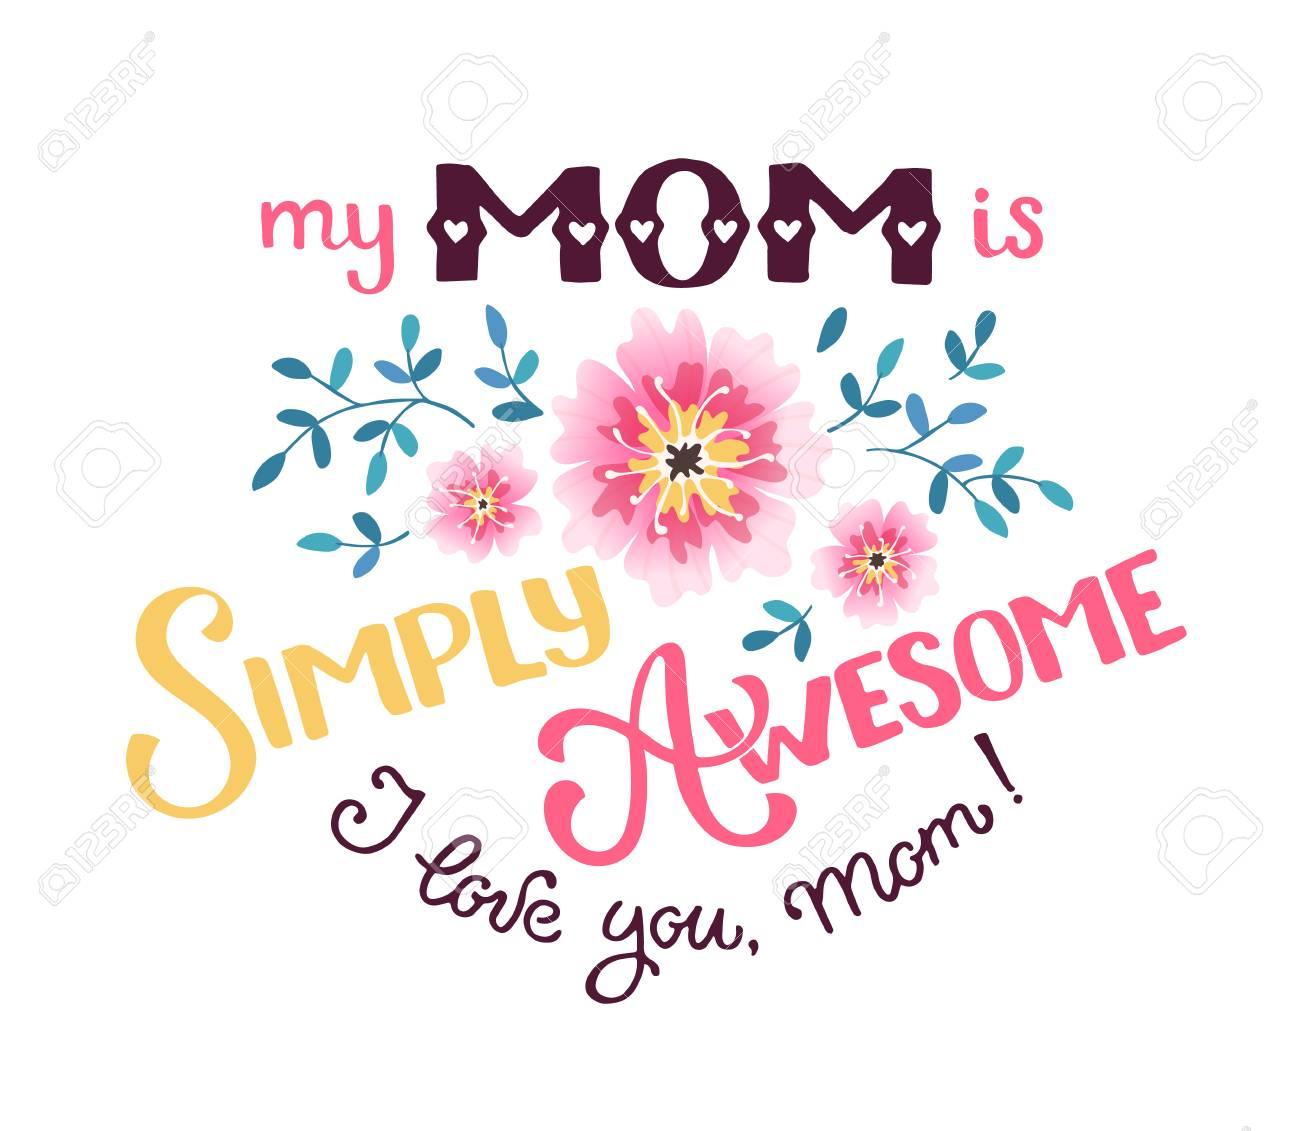 Conceito Feliz Do Cartão Do Dia Da Mãe Minha Mãe é Simplesmente Incrível Eu Te Amo Mãe Frases Caligráficas Tiradas à Mão Para O Dia Das Mães Com